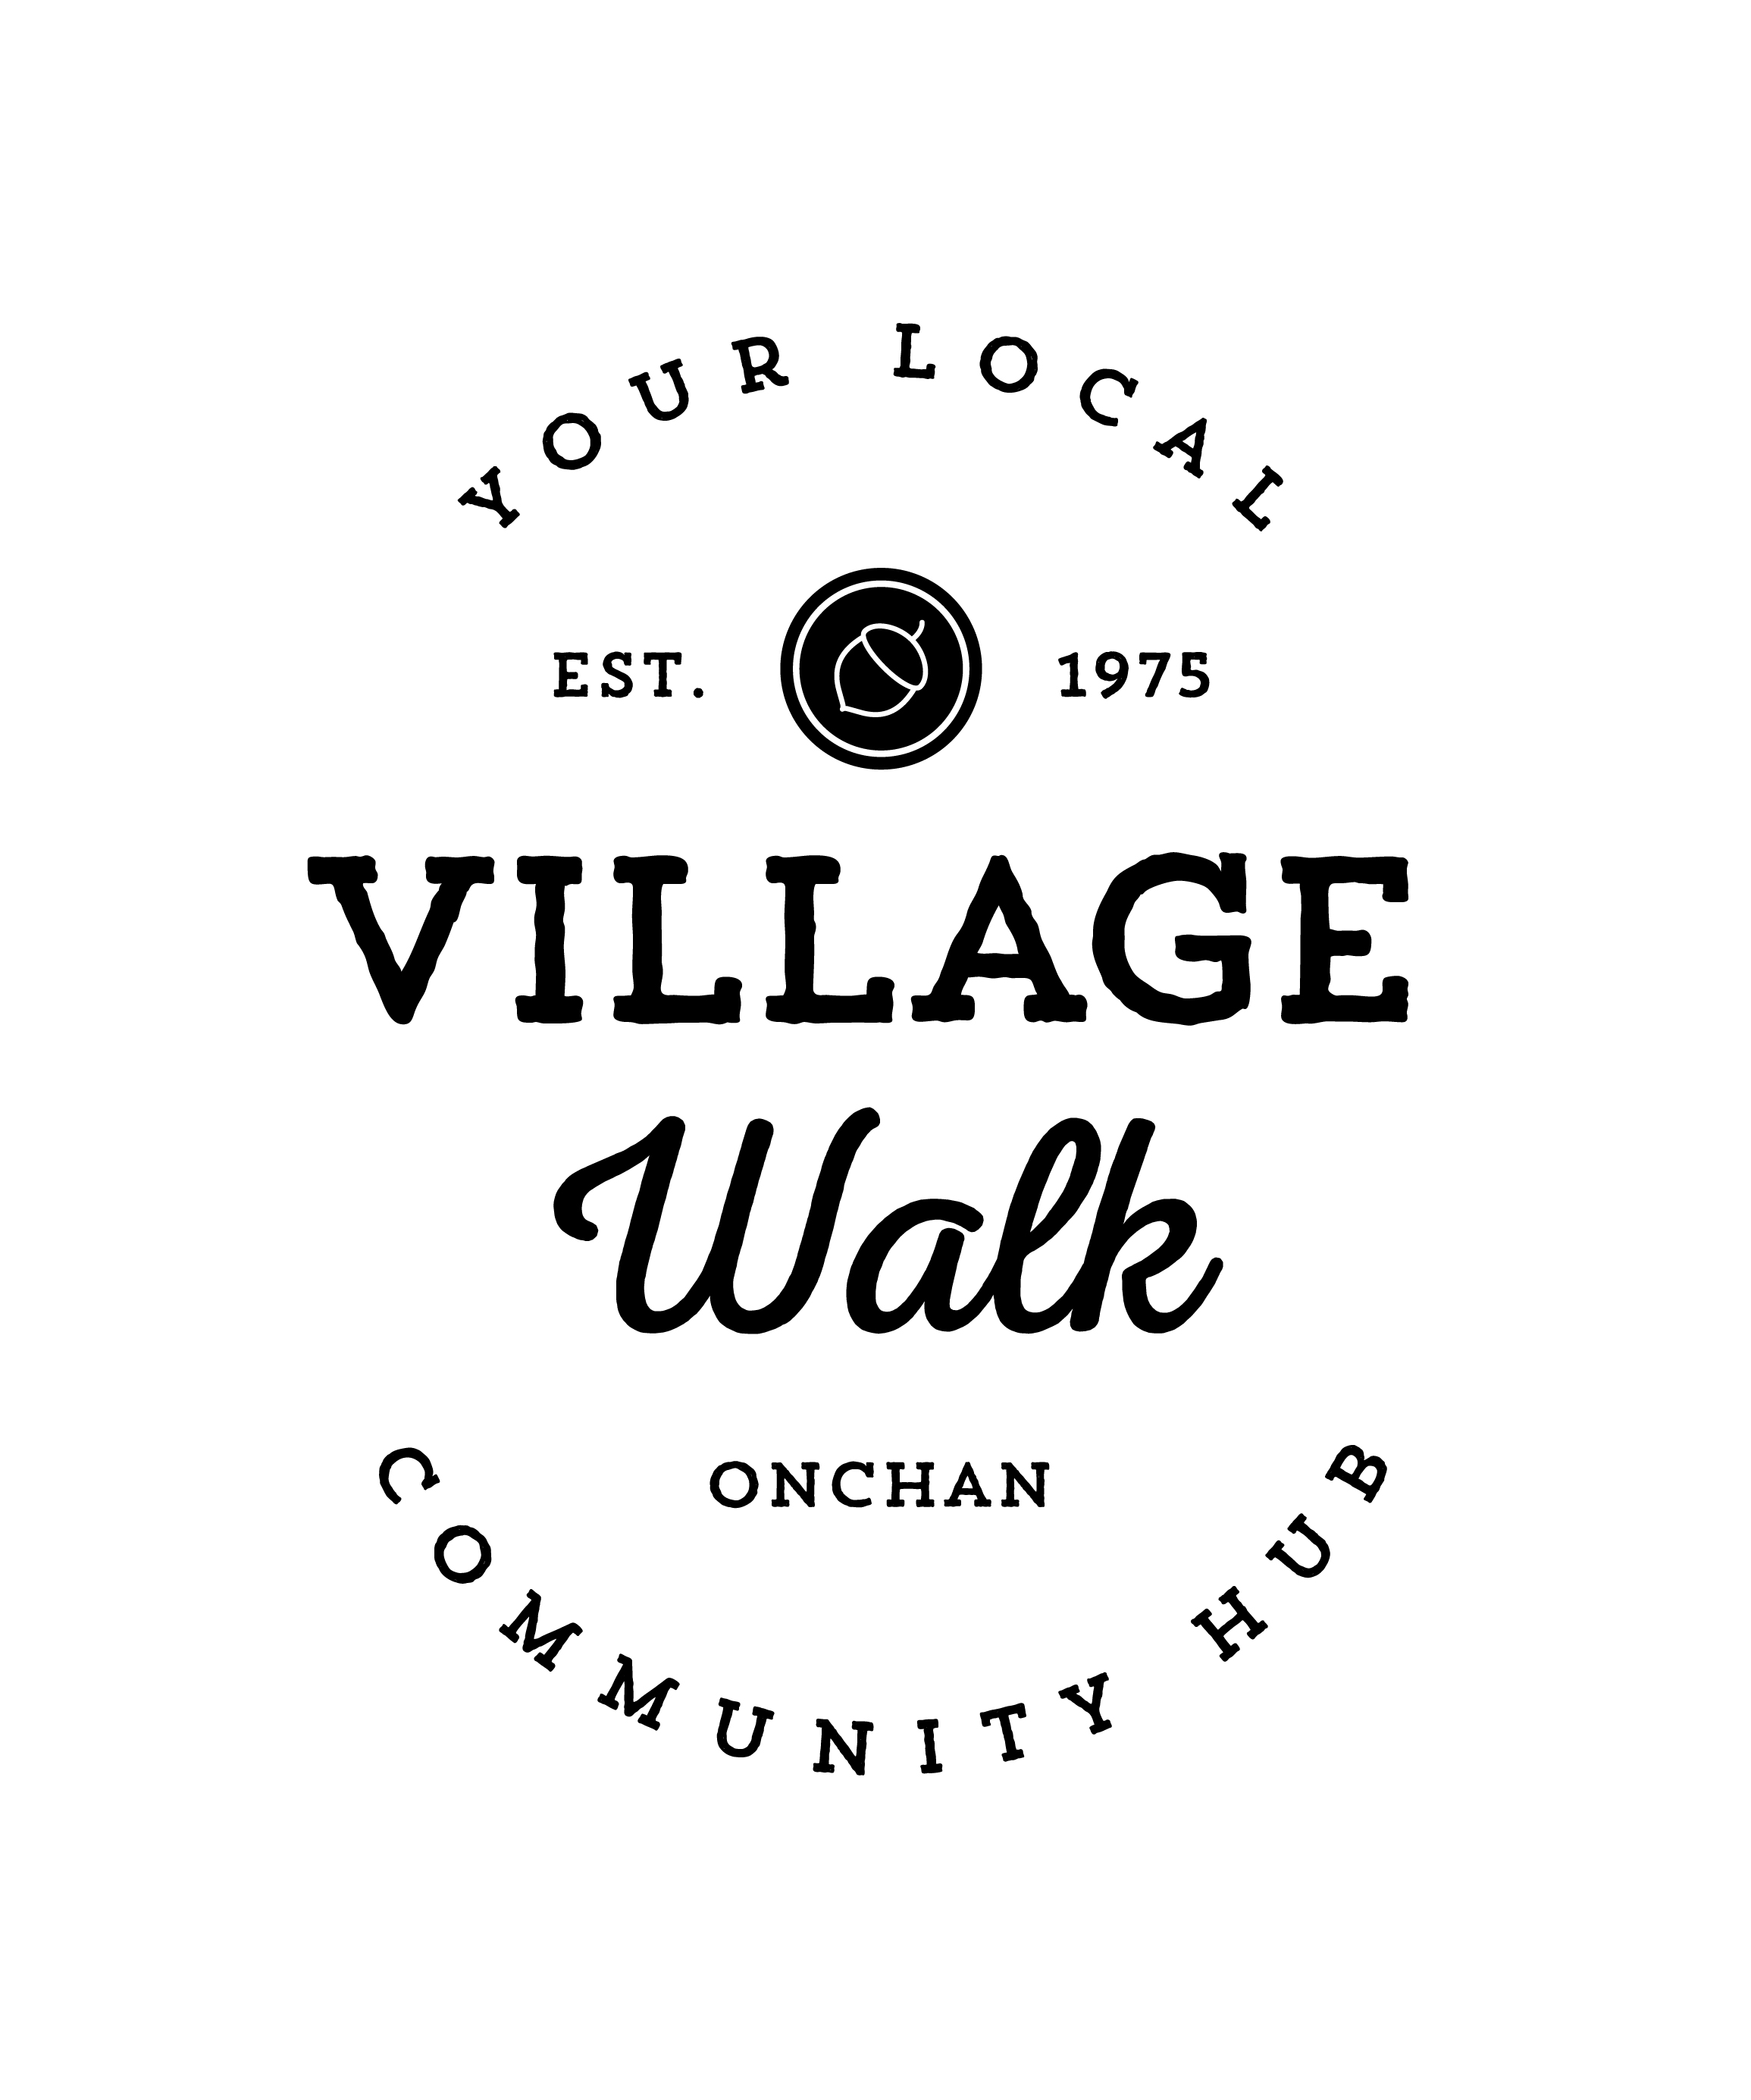 villagewalk_logos_primary black.jpg